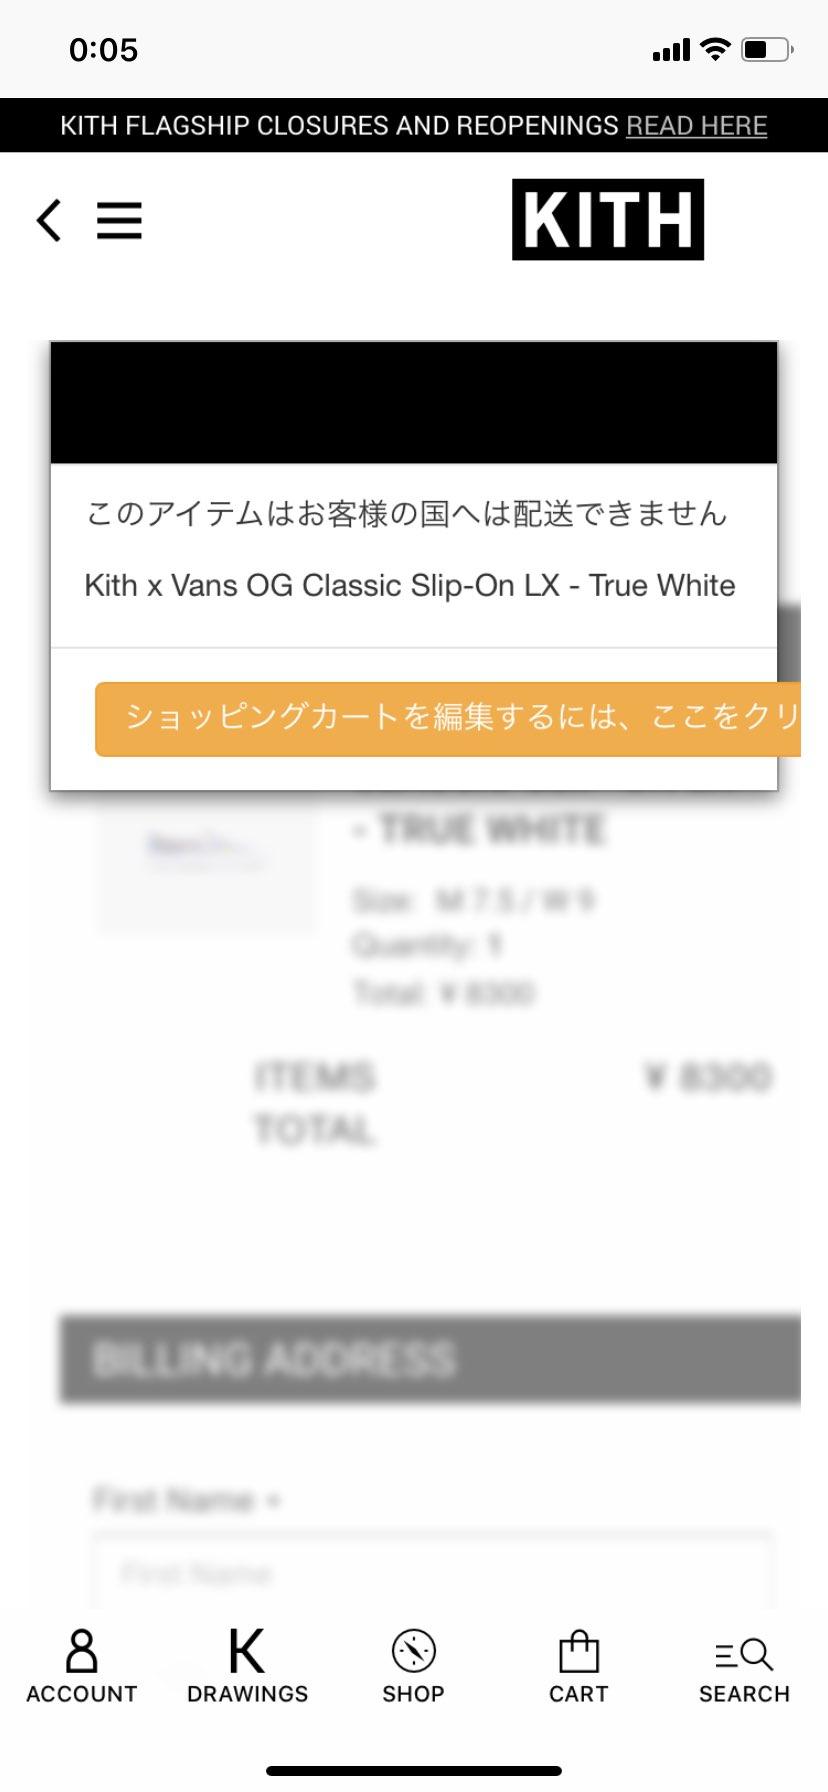 残念。。vans&kith 日本には靴は送ってくれませんね。。。